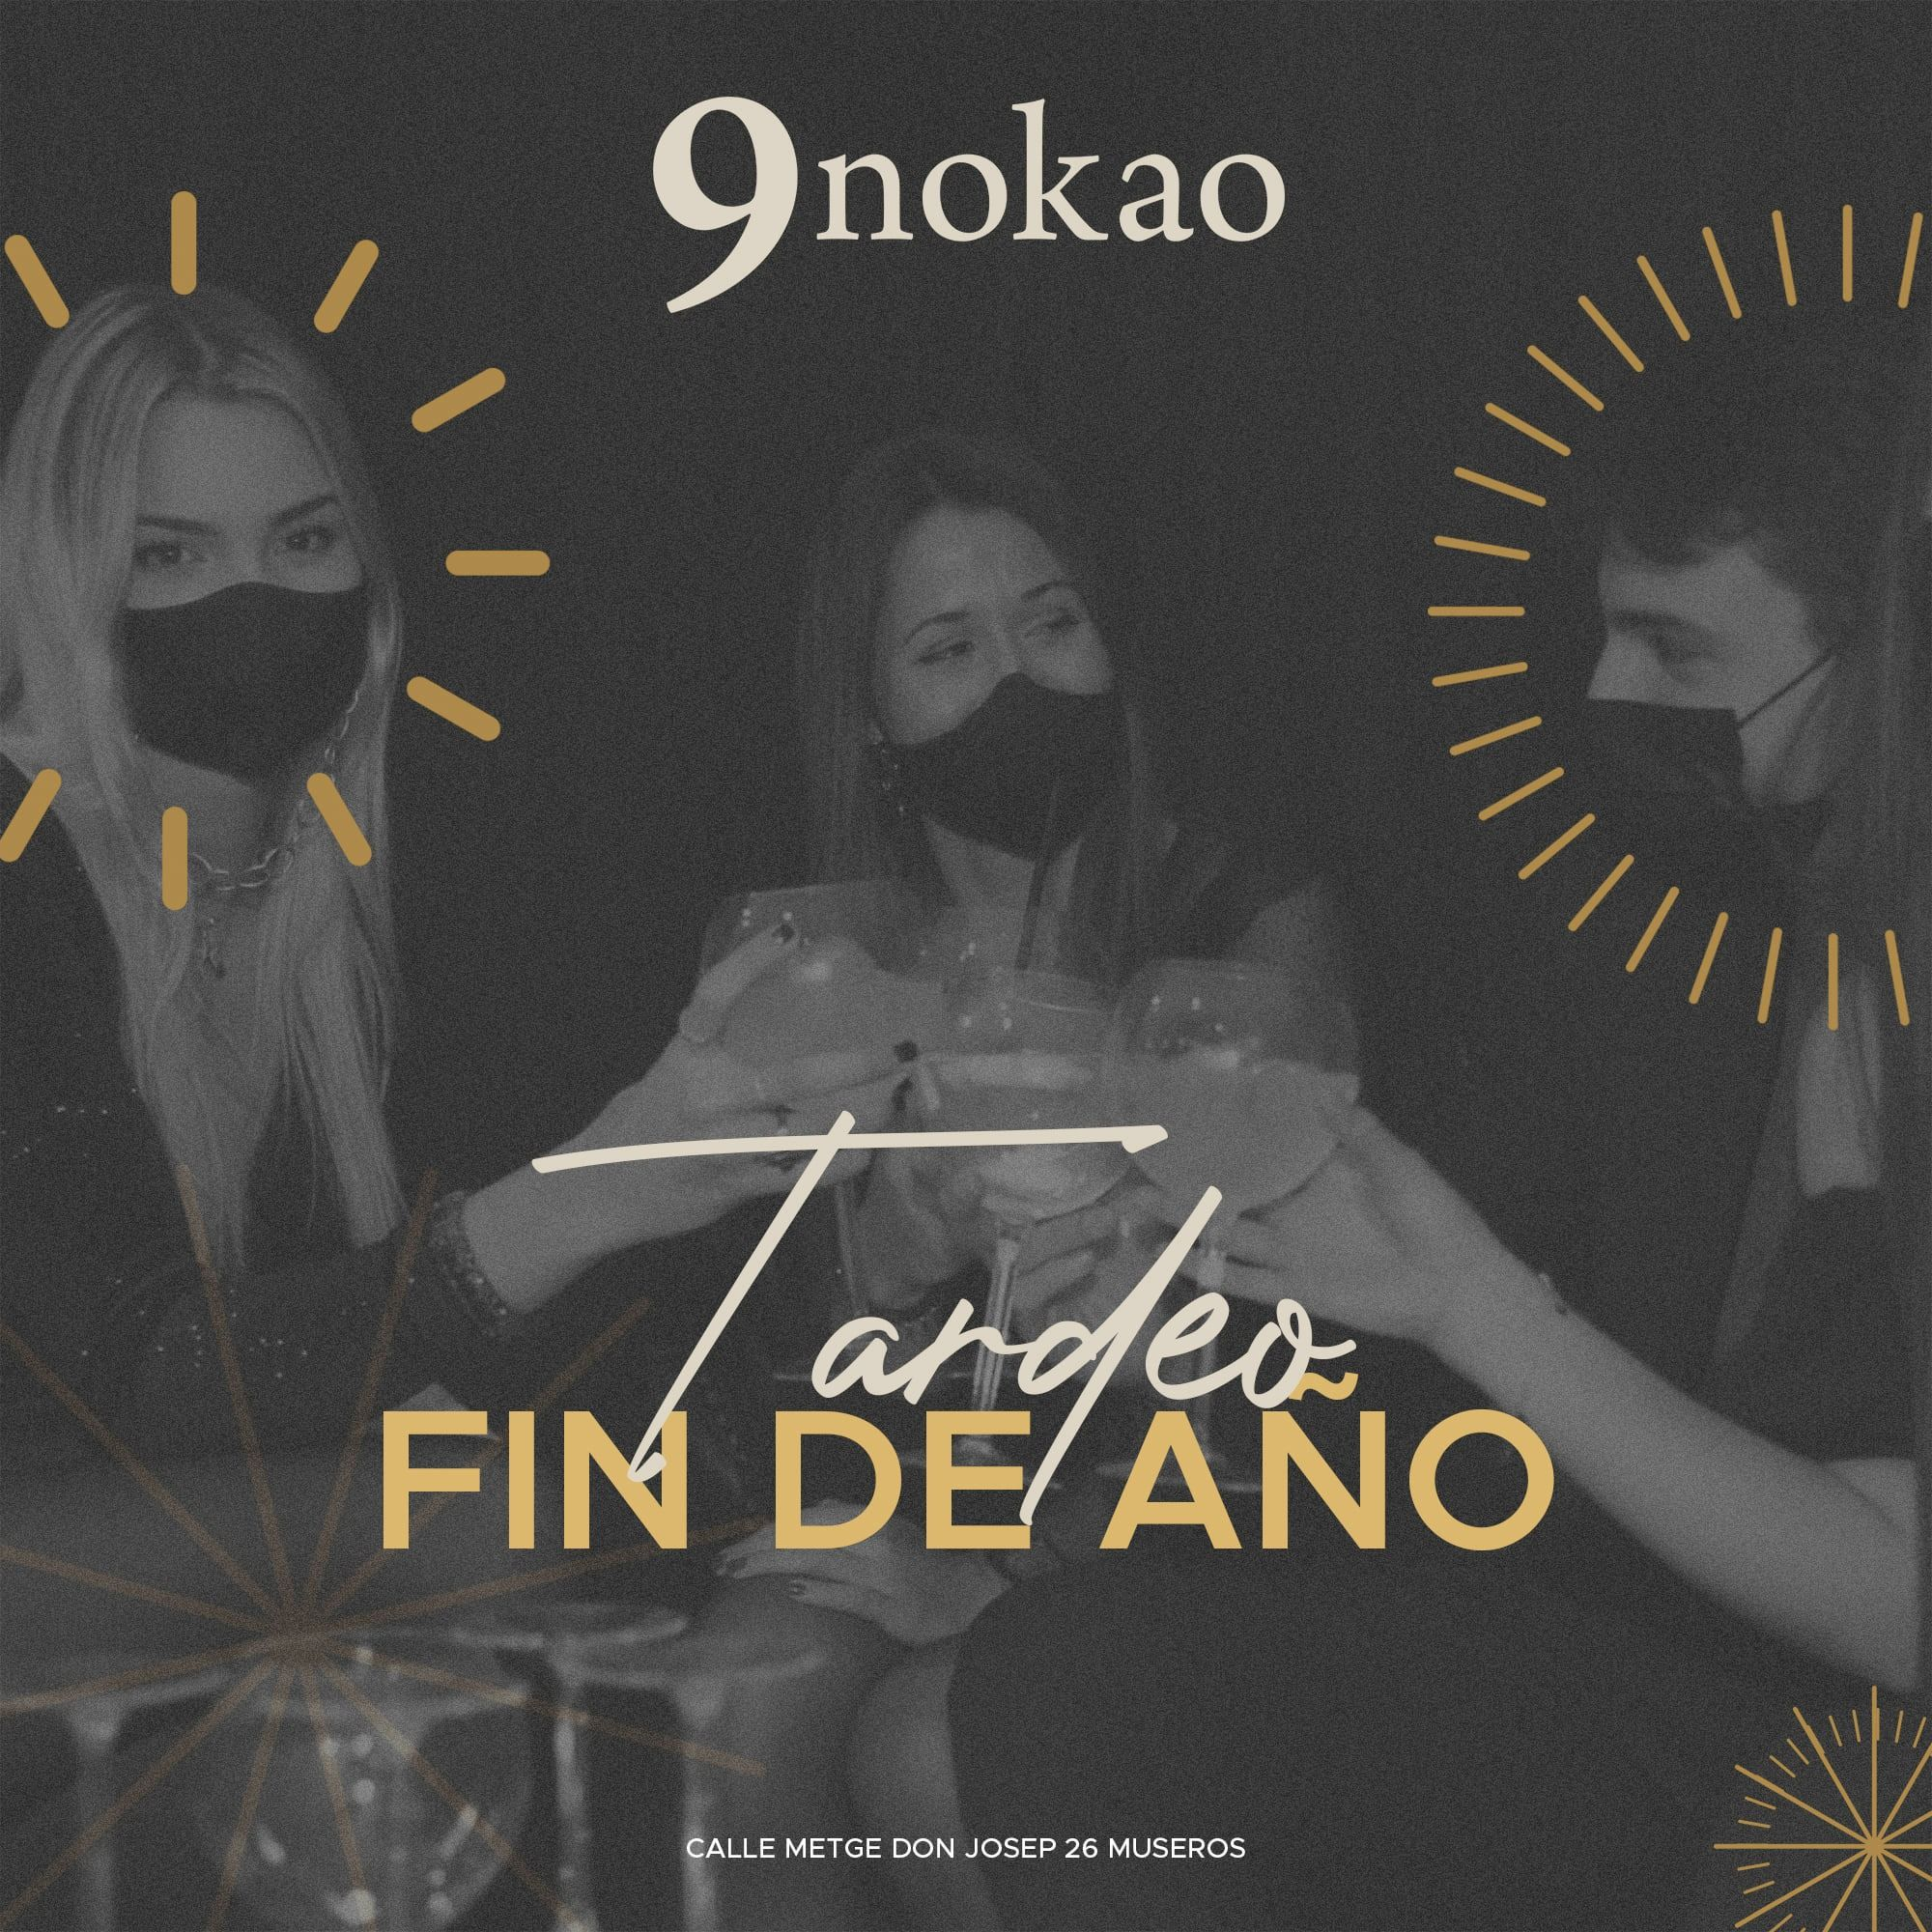 9nokao